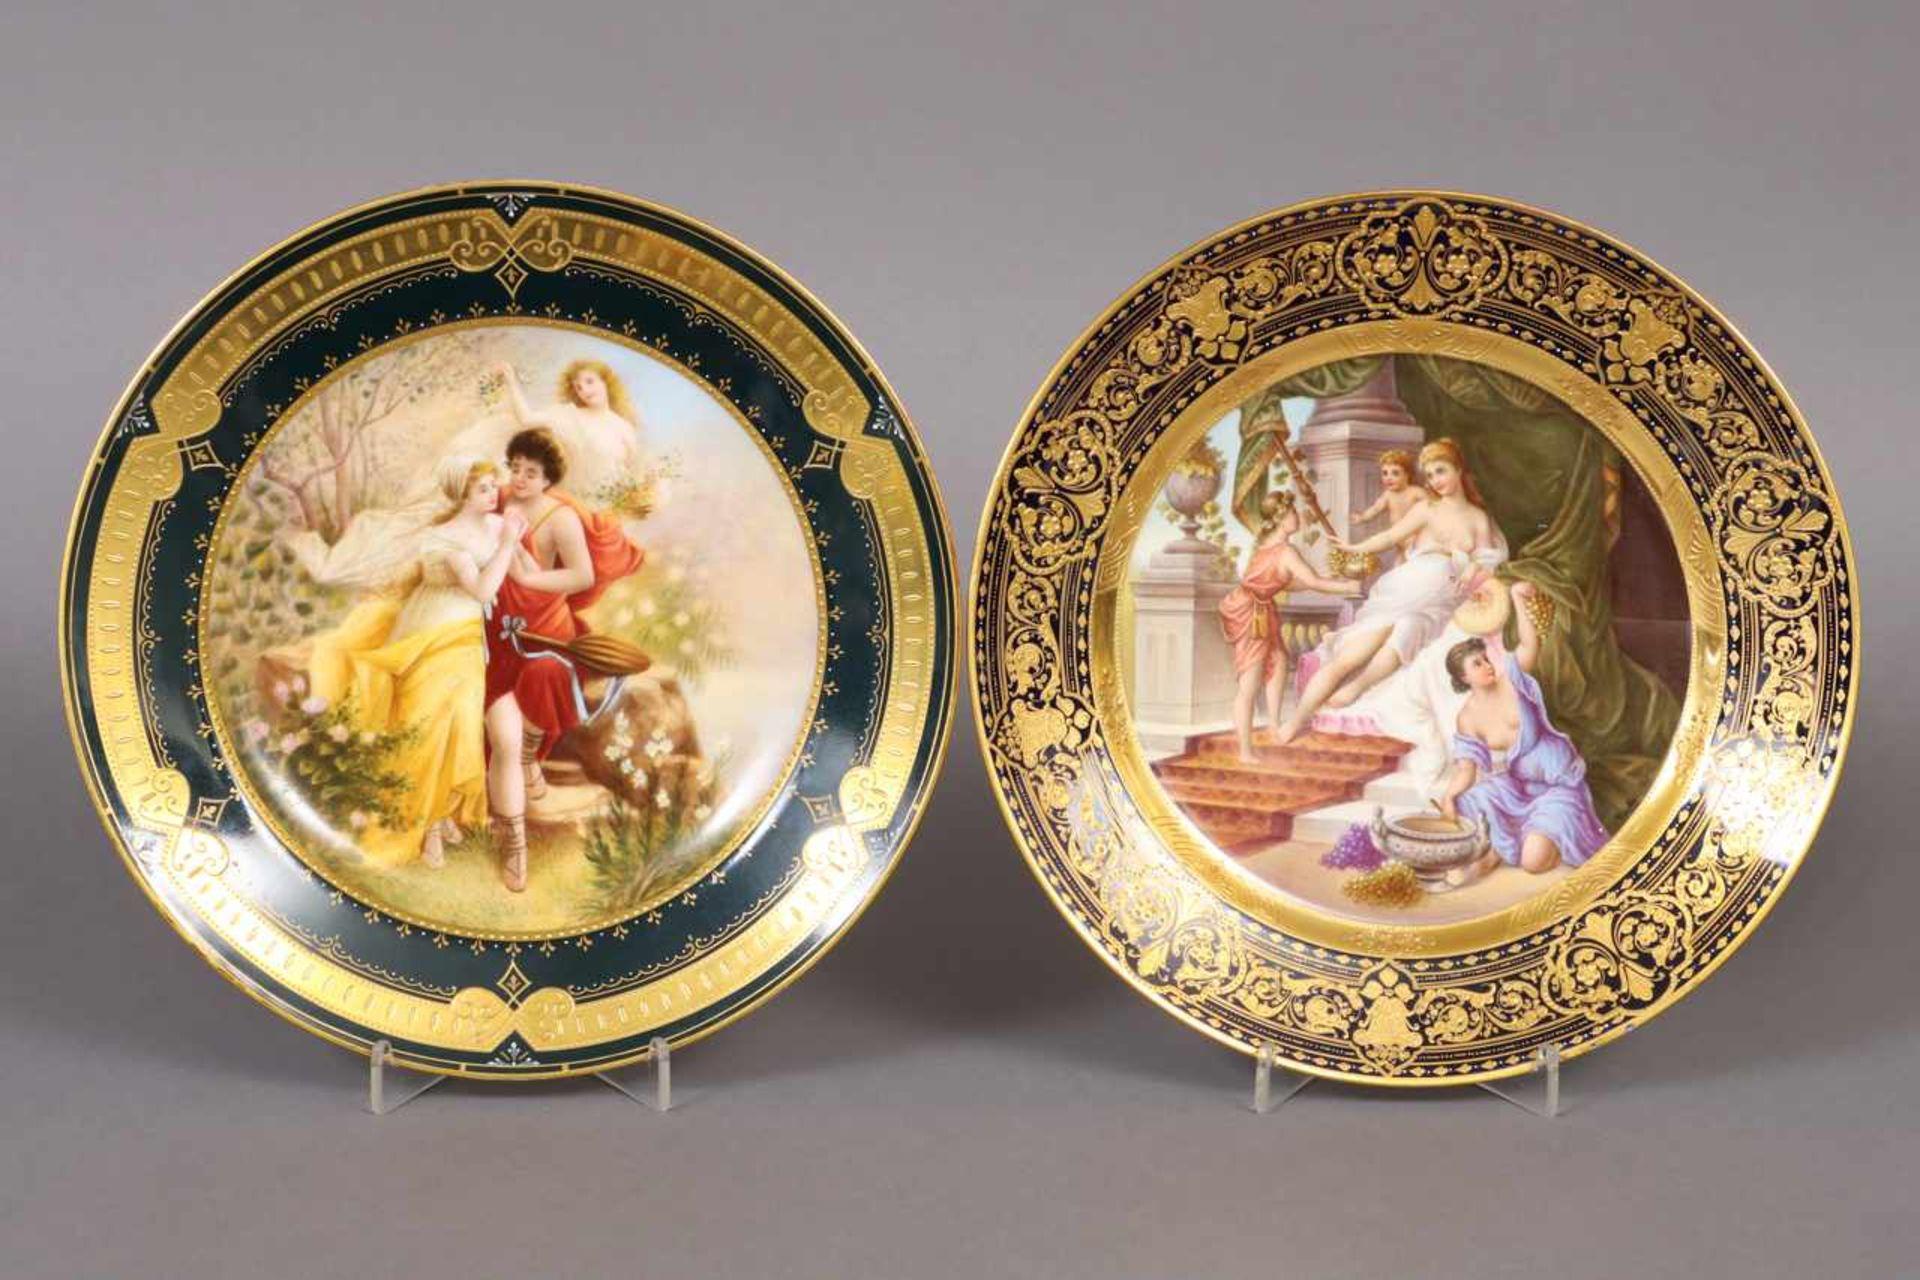 Los 33 - 2 Zierteller im Wiener Stil wohl Böhmen, um 1900, im Spiegel vielfigurige Szenen, reich